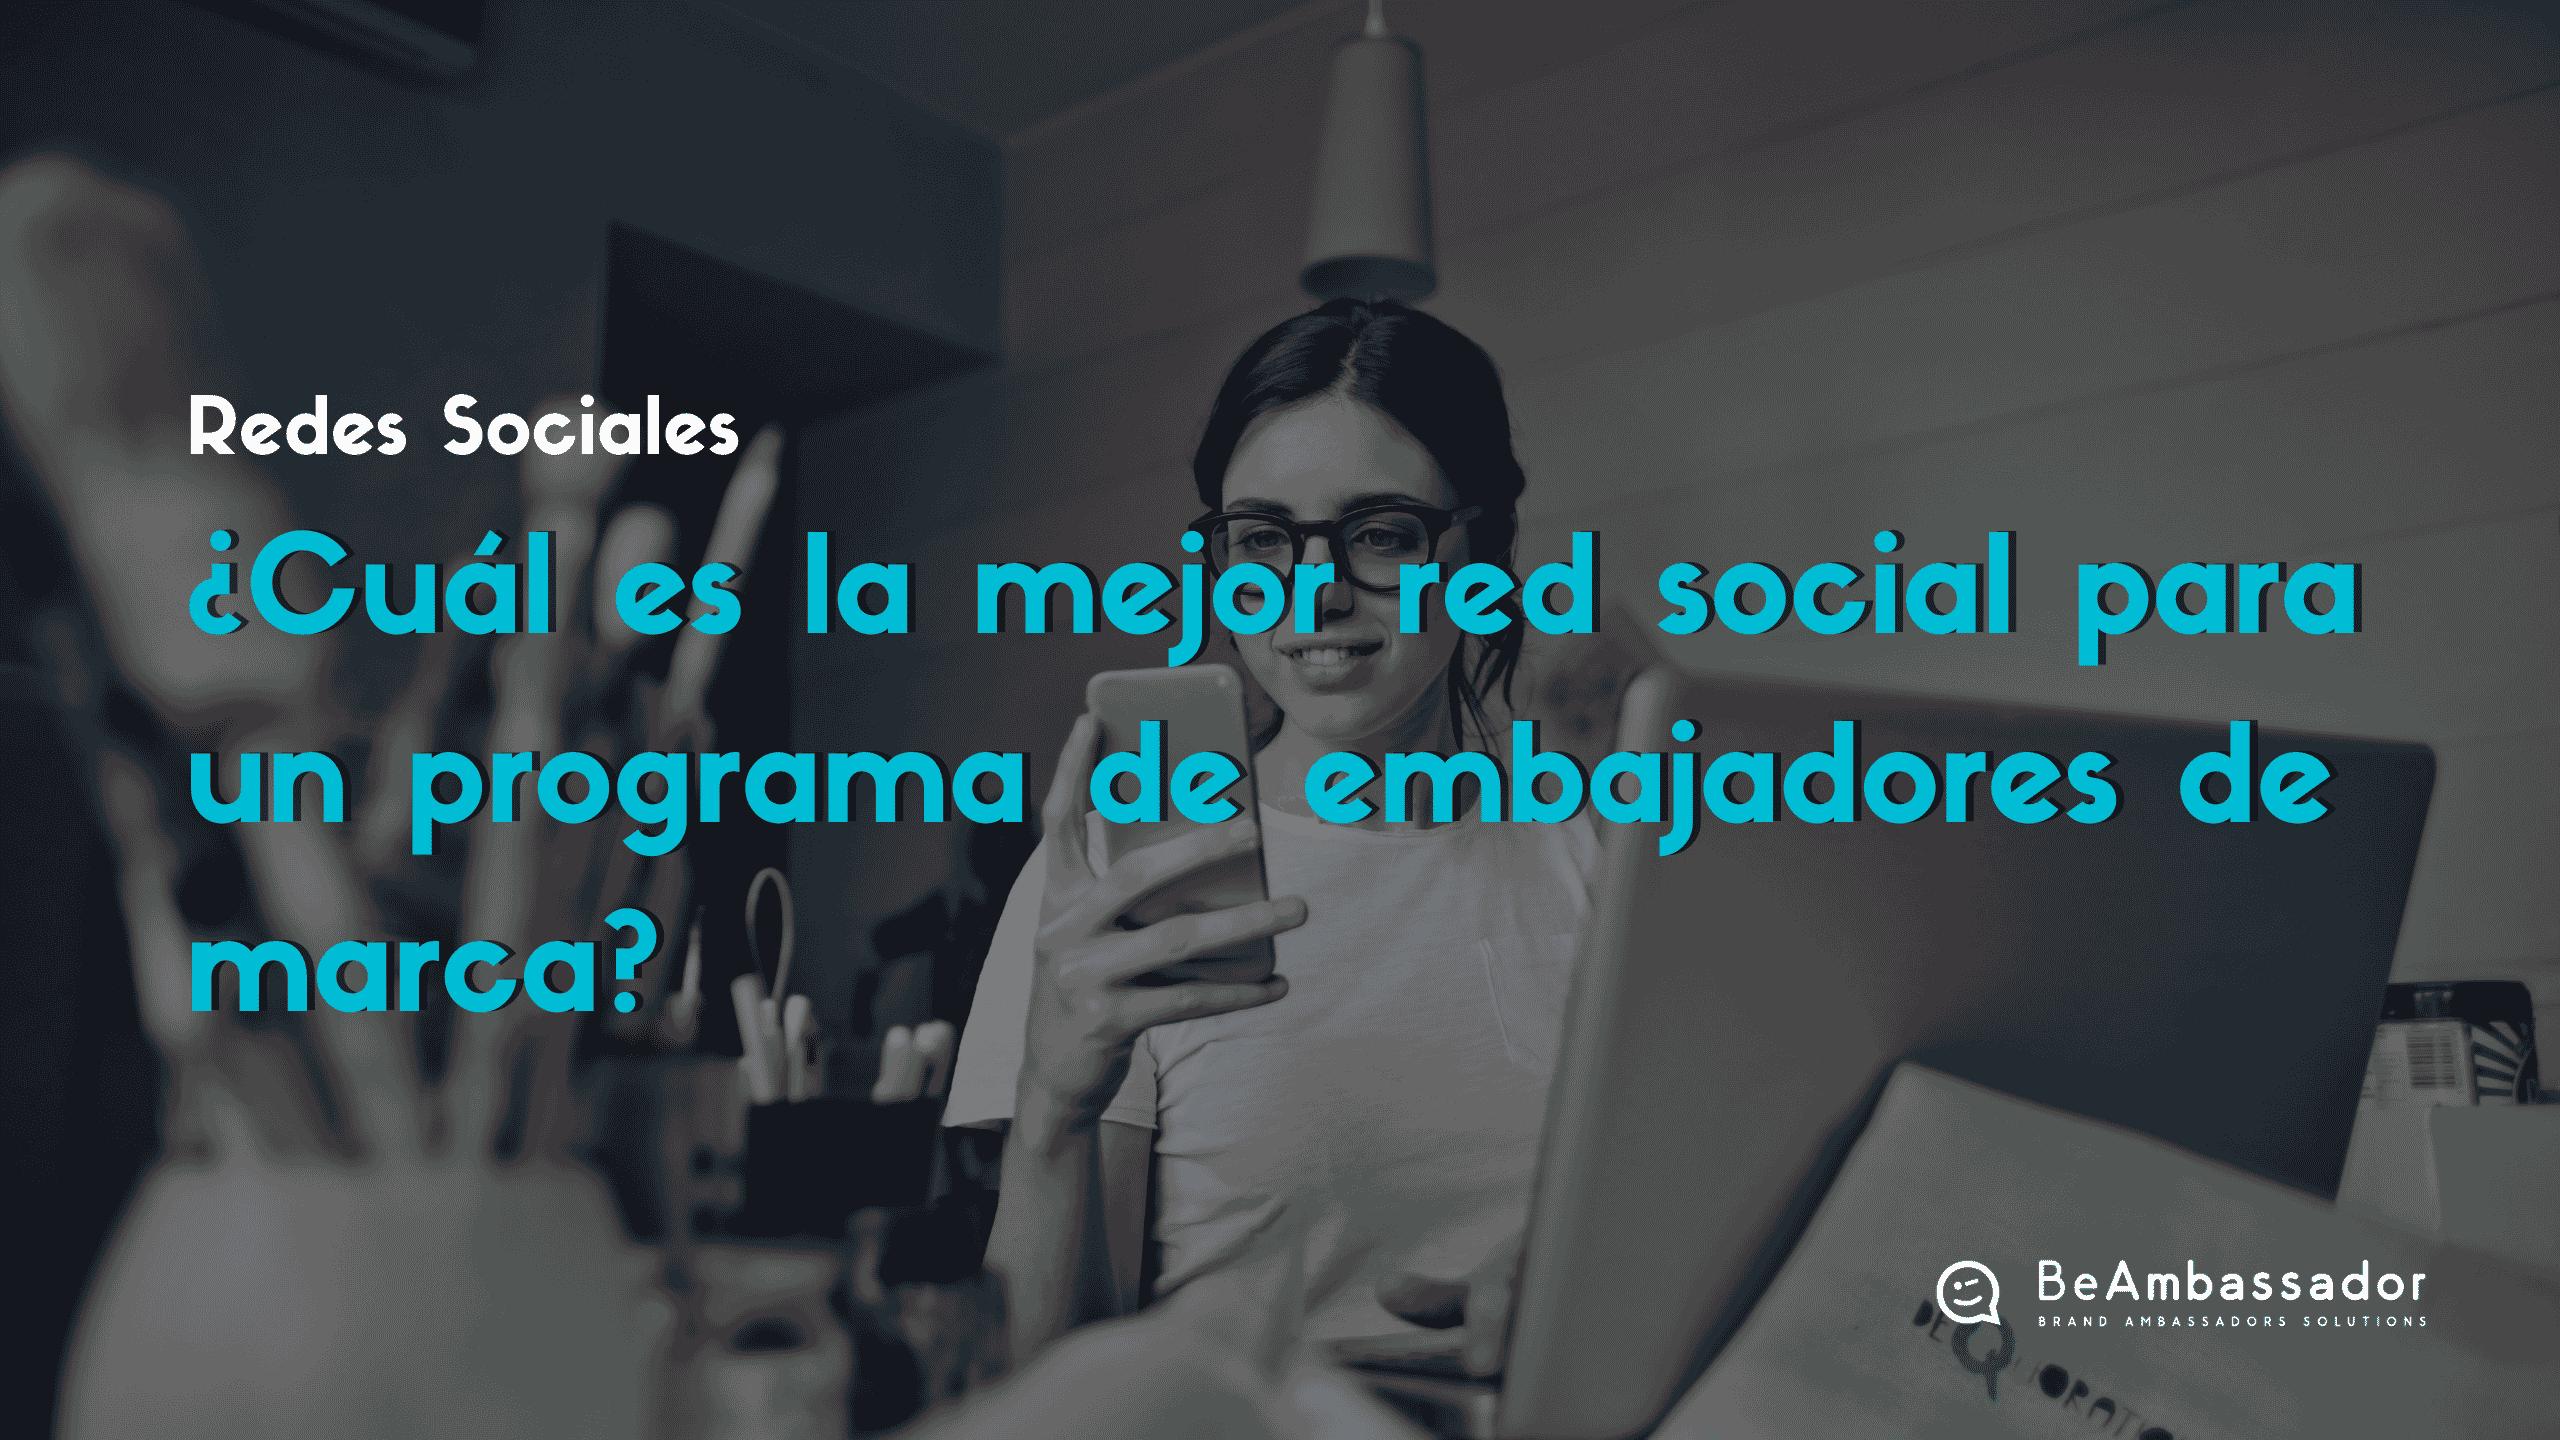 ¿Cuál es la mejor red social para un programa de embajadores de marca?